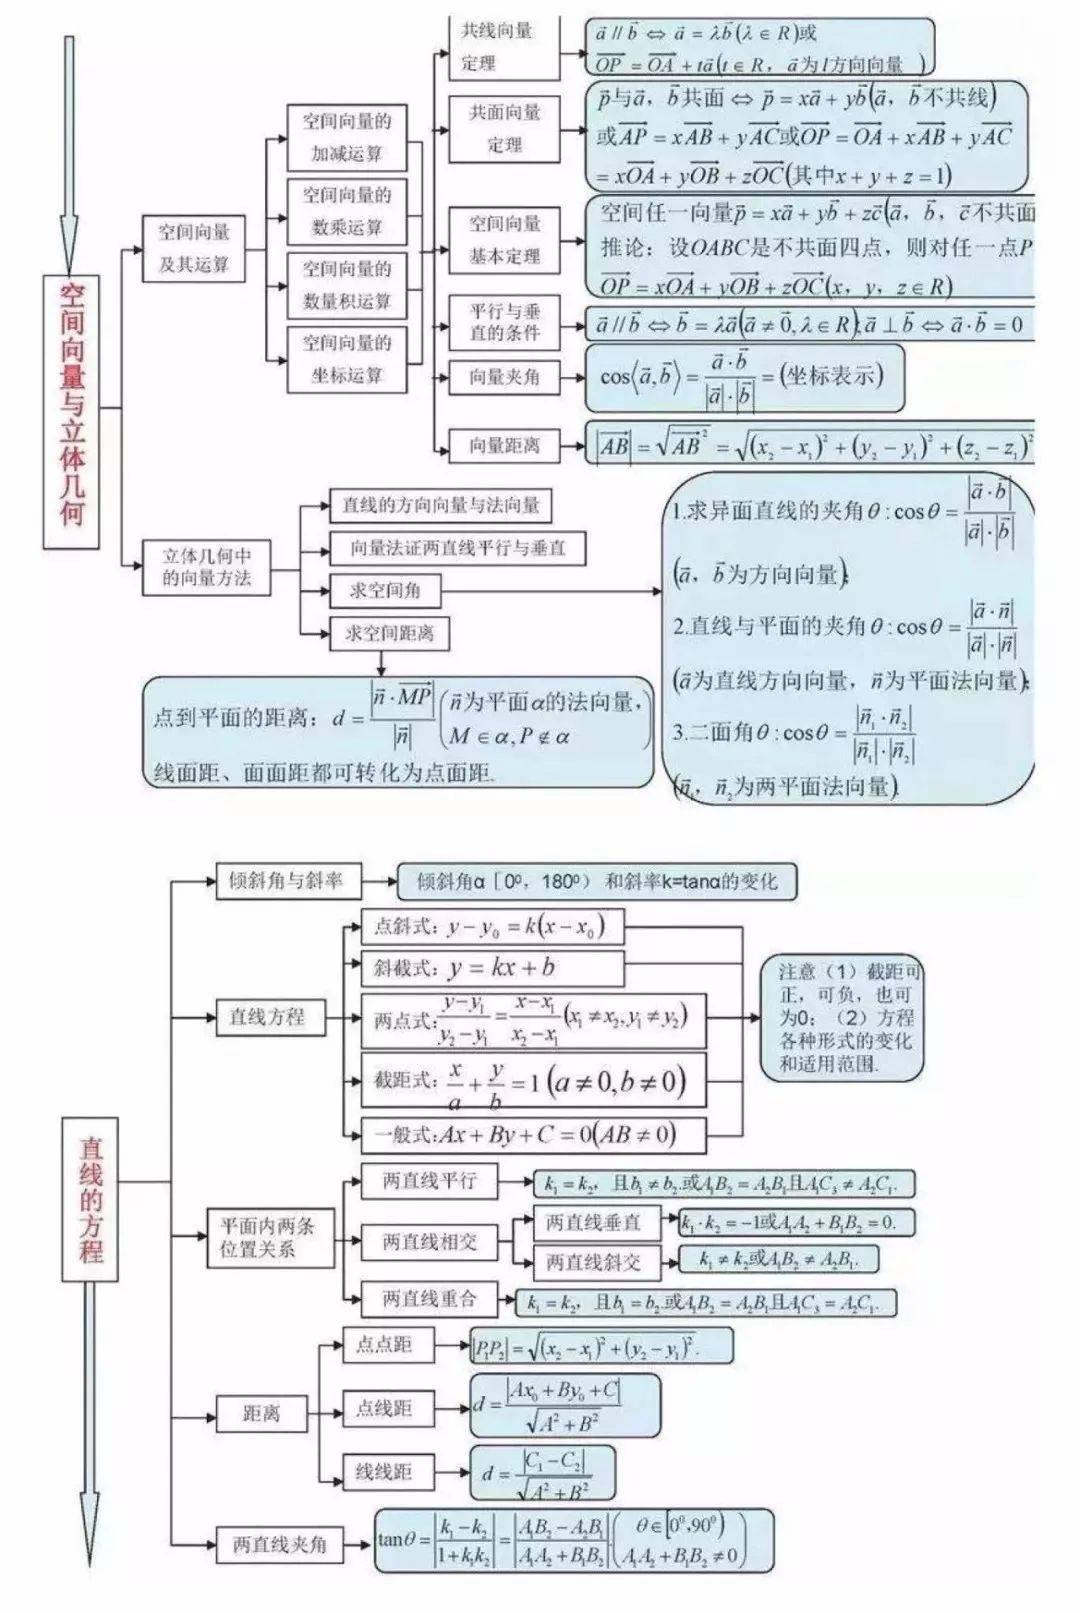 2021高考最后15天冲刺:高中数学所有思维导图全梳理